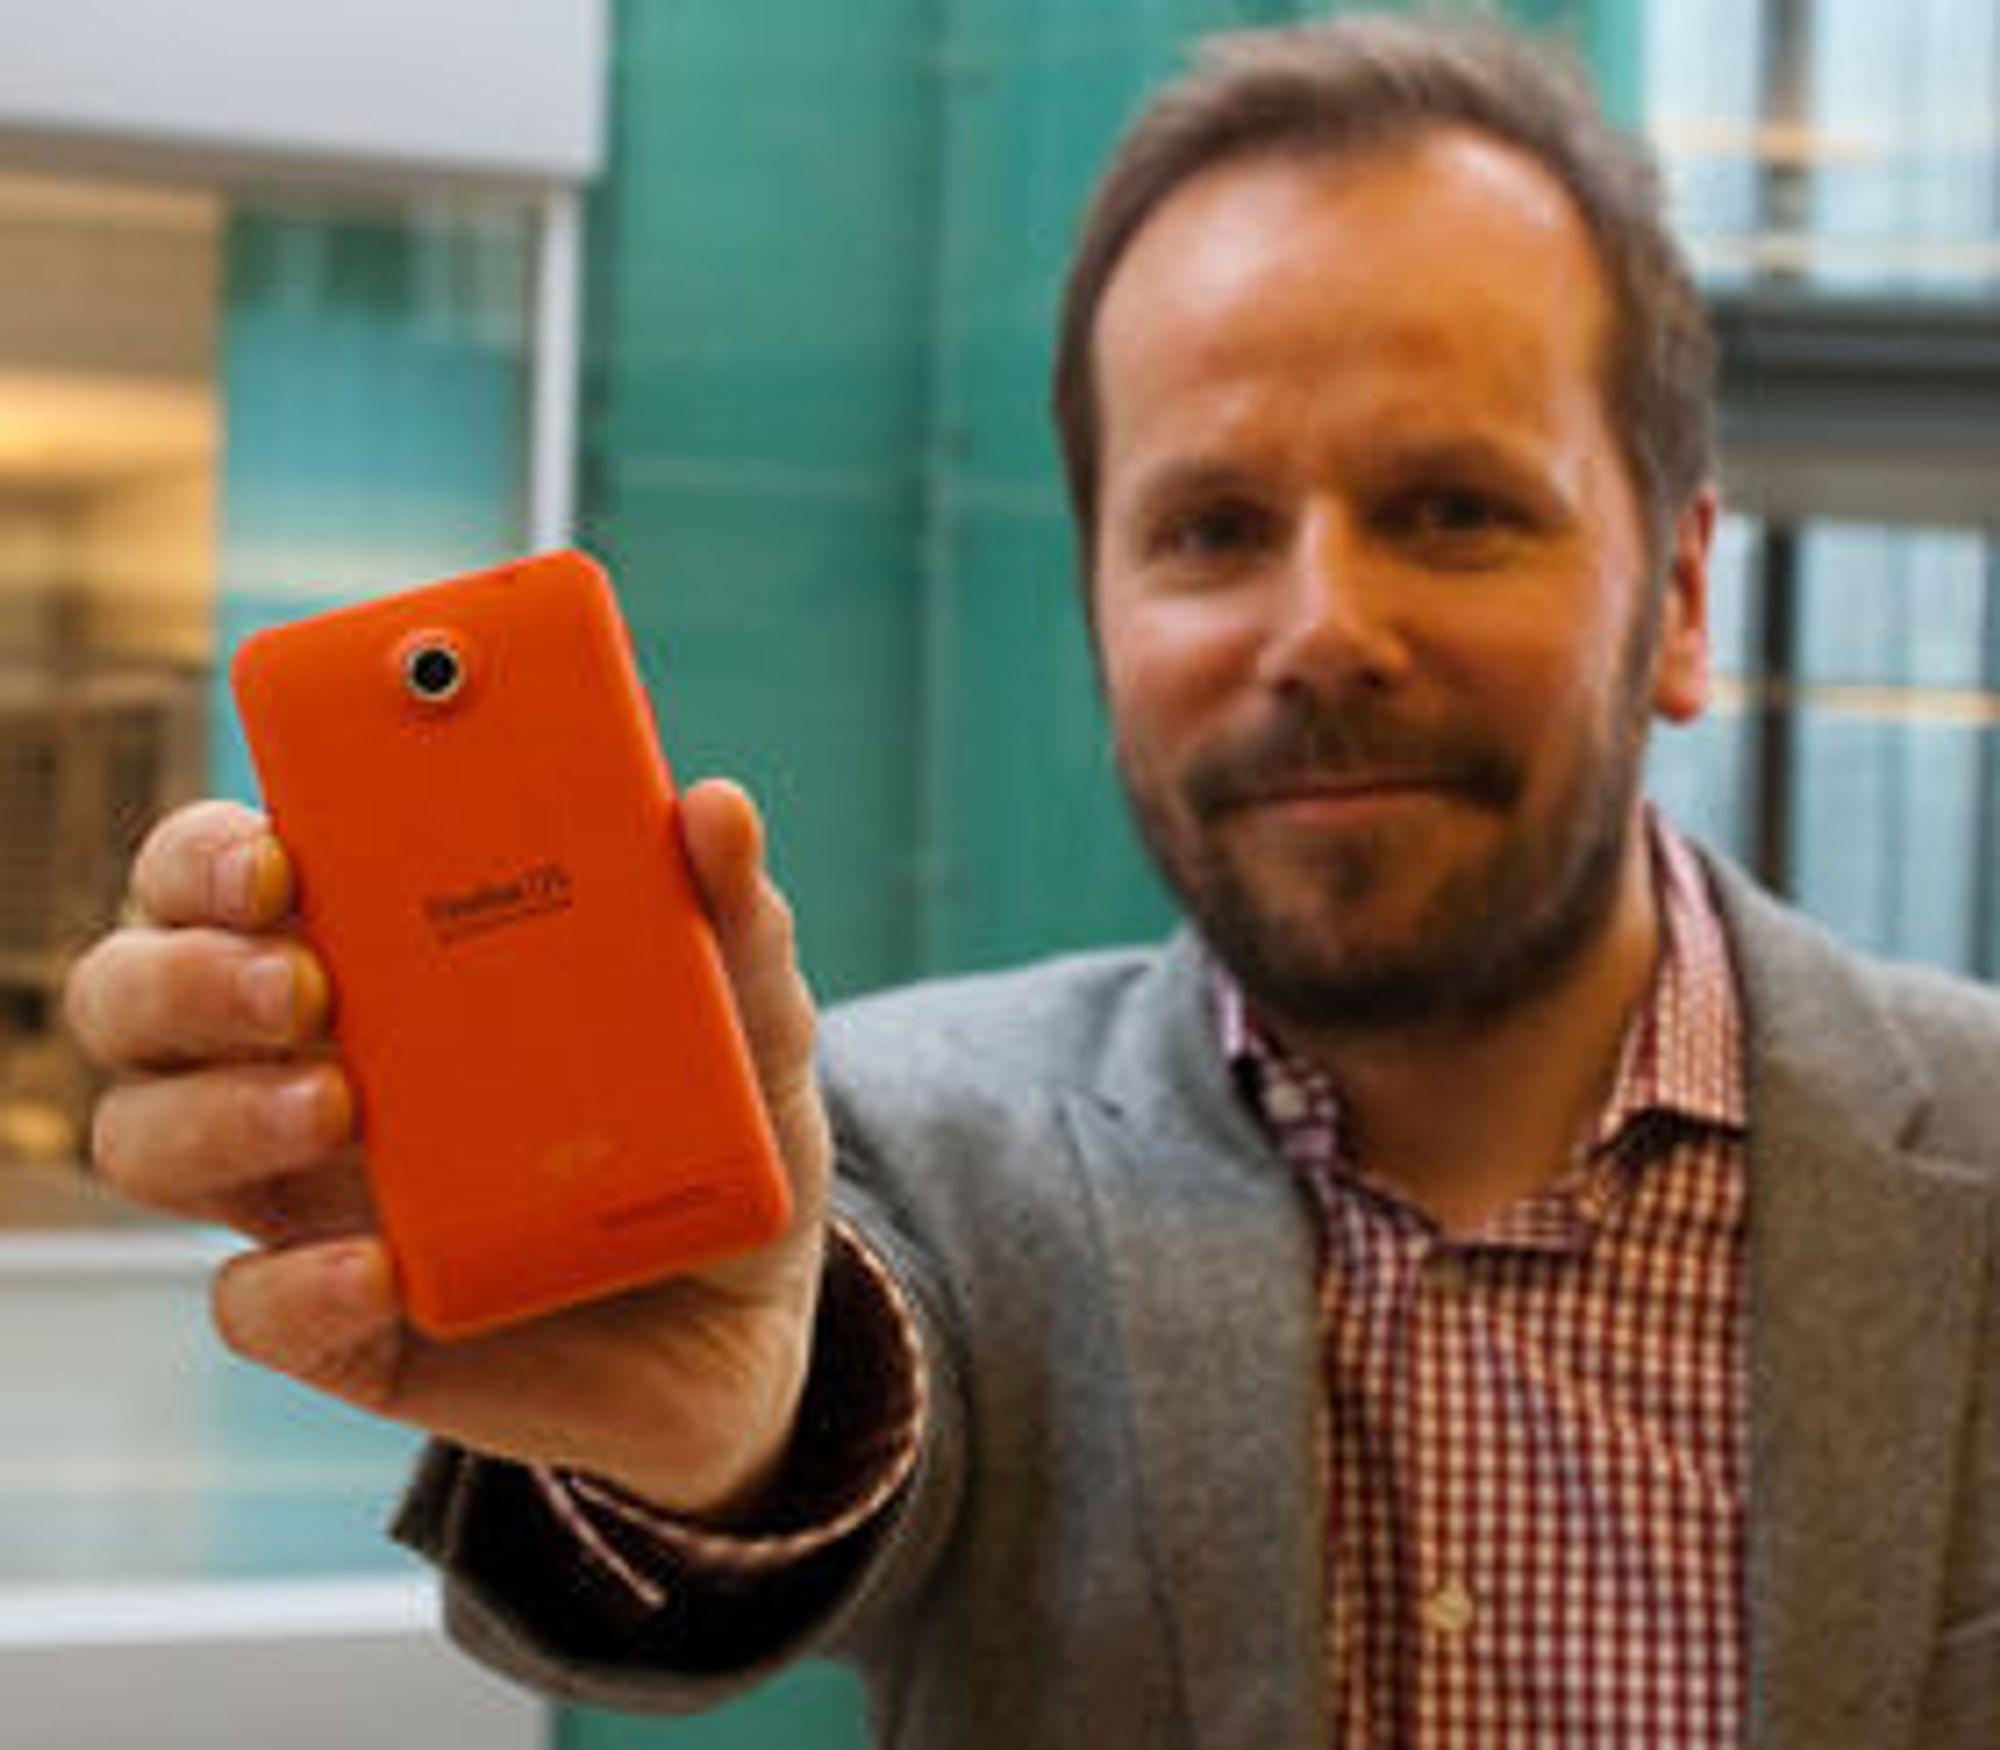 Frode Vestnes med en Firefox OS-basert utviklertelefon fra Geekphones, som ble utsolgt få timer etter lanseringen i slutten av april.